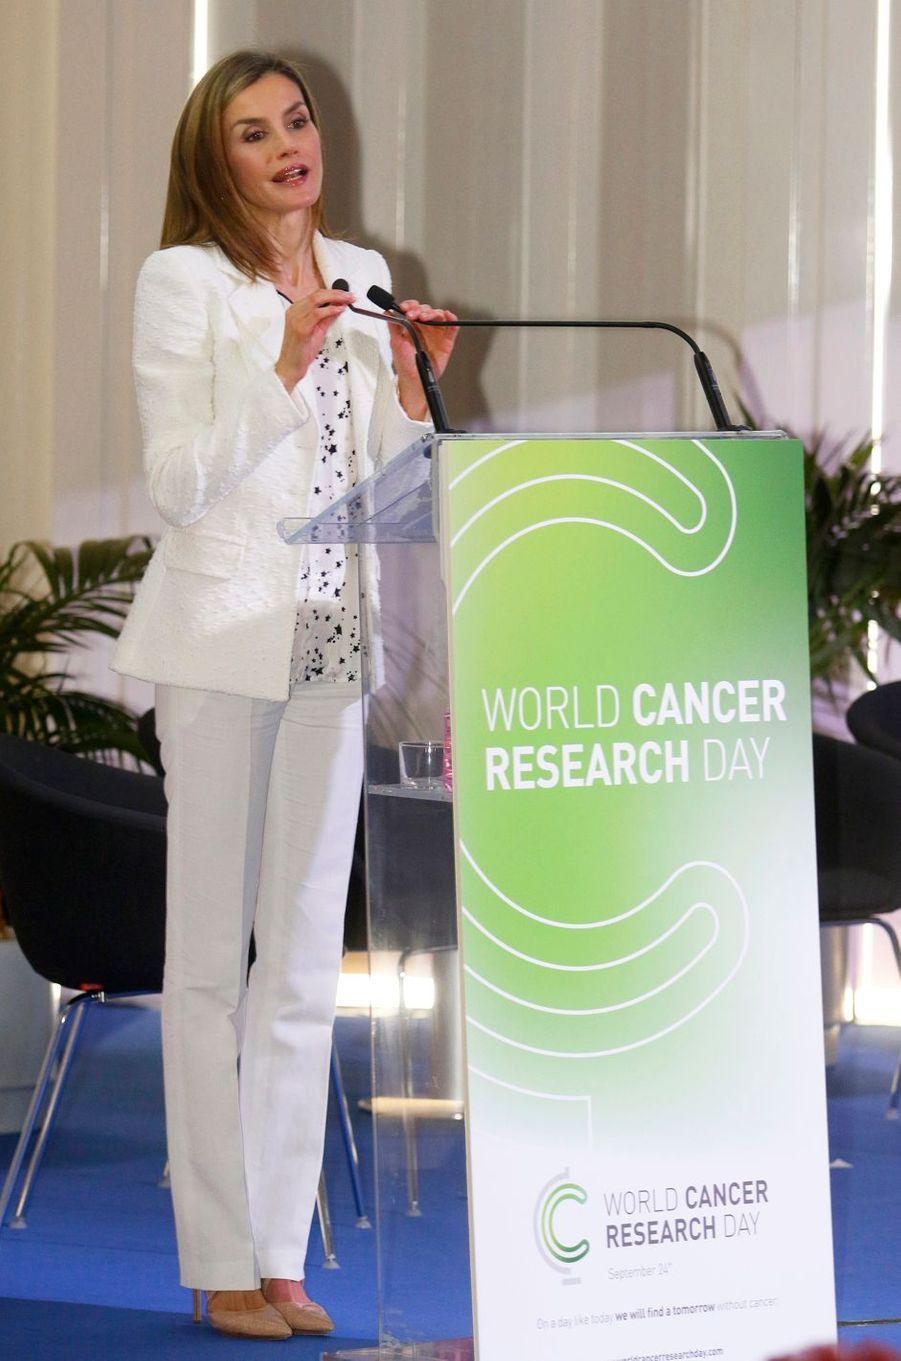 La reine Letizia d'Espagne lance la Journée mondiale de la recherche sur le cancer à Barcelone, le 22 septembre 2016